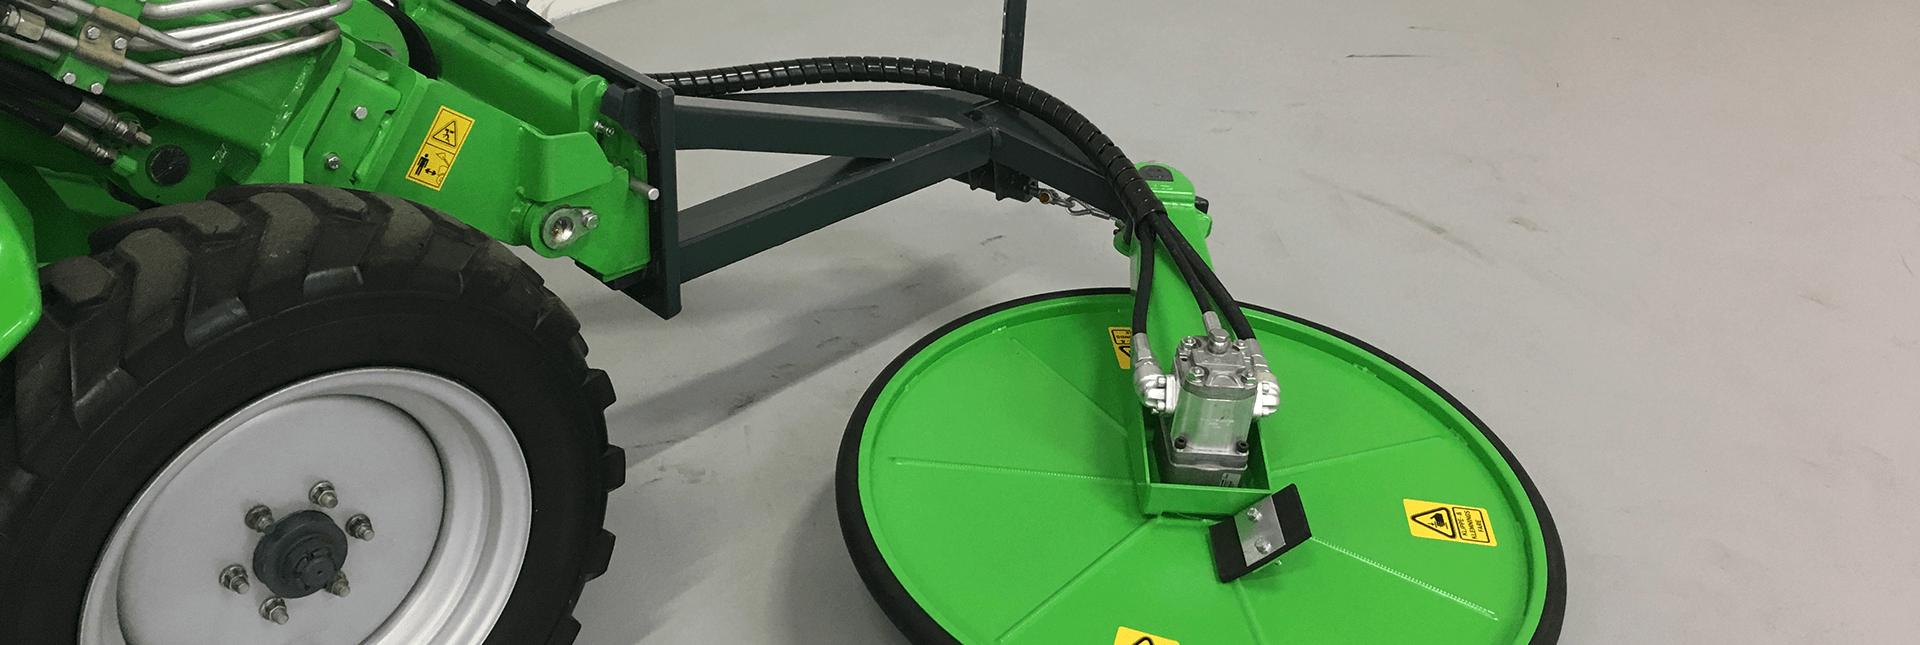 Miljøbillede af Under Hegn Klipper fastmonteret på AVANT minilæsser på AVANT Danmarks lager